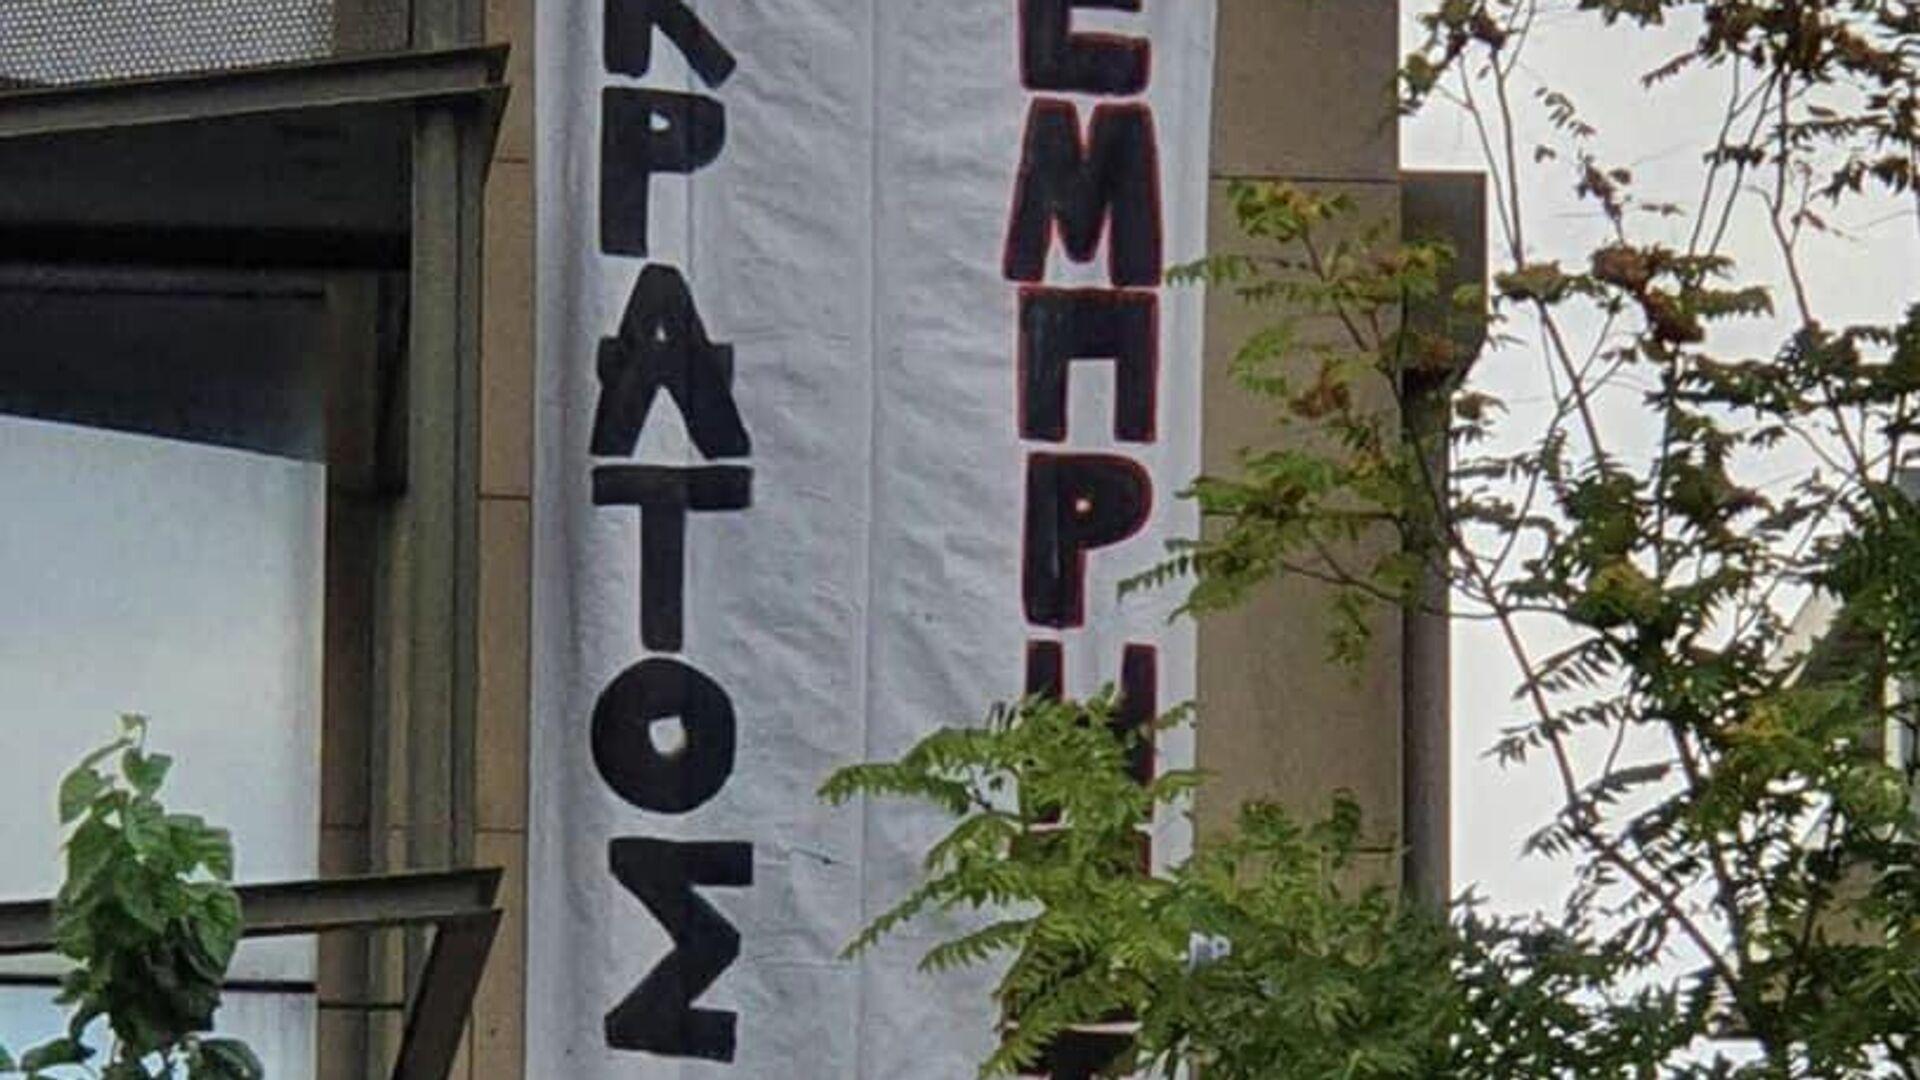 Πανό του Ρουβίκωνα στο Υπουργείο Περιβάλλοντος - Sputnik Ελλάδα, 1920, 07.09.2021